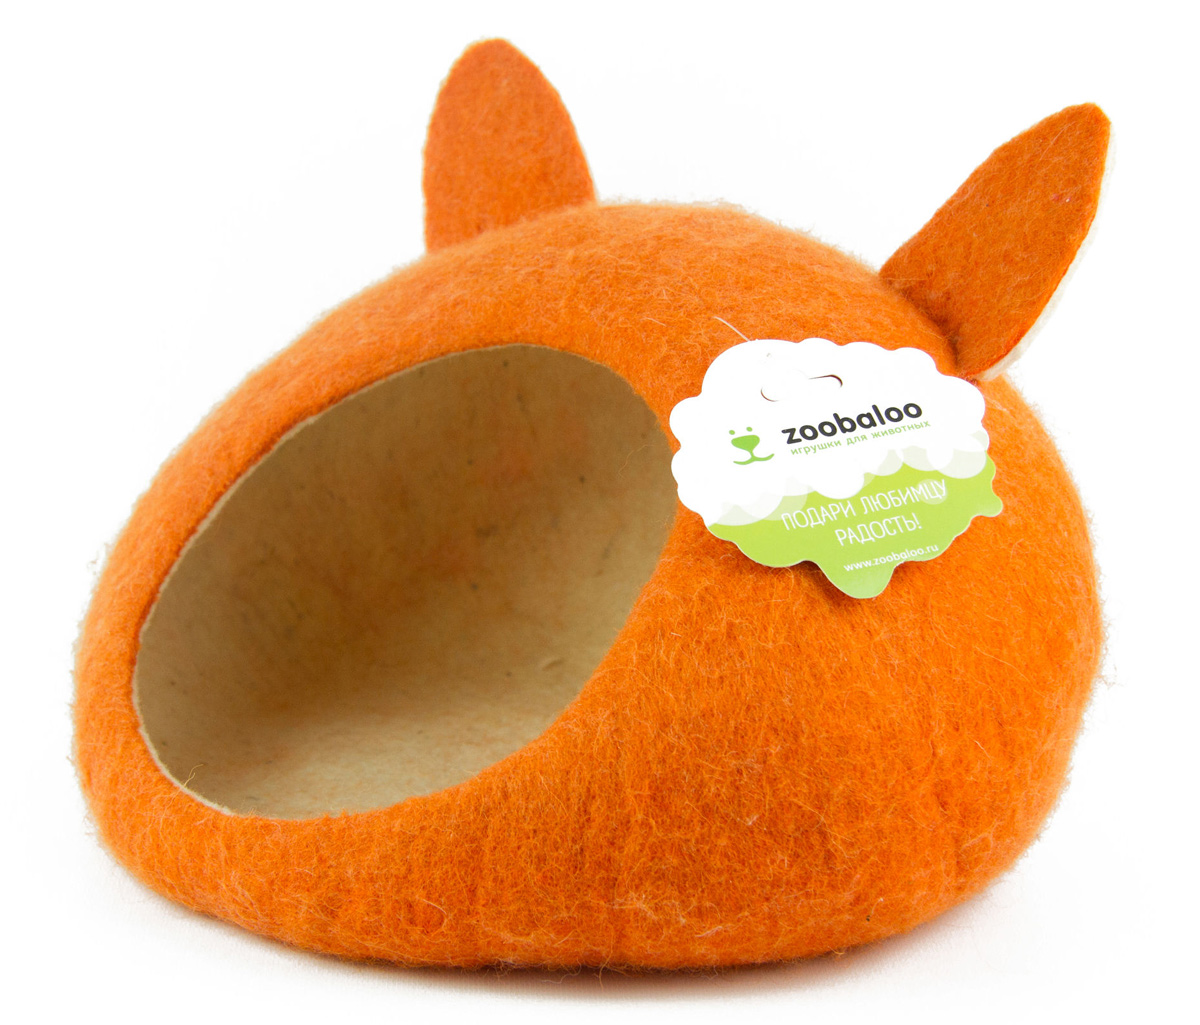 Домик-слипер для животных Zoobaloo WoolPetHouse, с ушками, цвет: оранжевый, размер S0120710Домик-слипер Zoobaloo WoolPetHouse предназначен для отдыха и сна питомца. Домик изготовлен из 100% шерсти мериноса. Учтены все особенности животного сна: форма, цвет, материал этого домика - все подобрано как нельзя лучше! В нем ваш любимец будет видеть только цветные сны. Шерсть мериноса обеспечит превосходный микроклимат внутри домика, а его форма позволит питомцу засыпать в самой естественной позе.